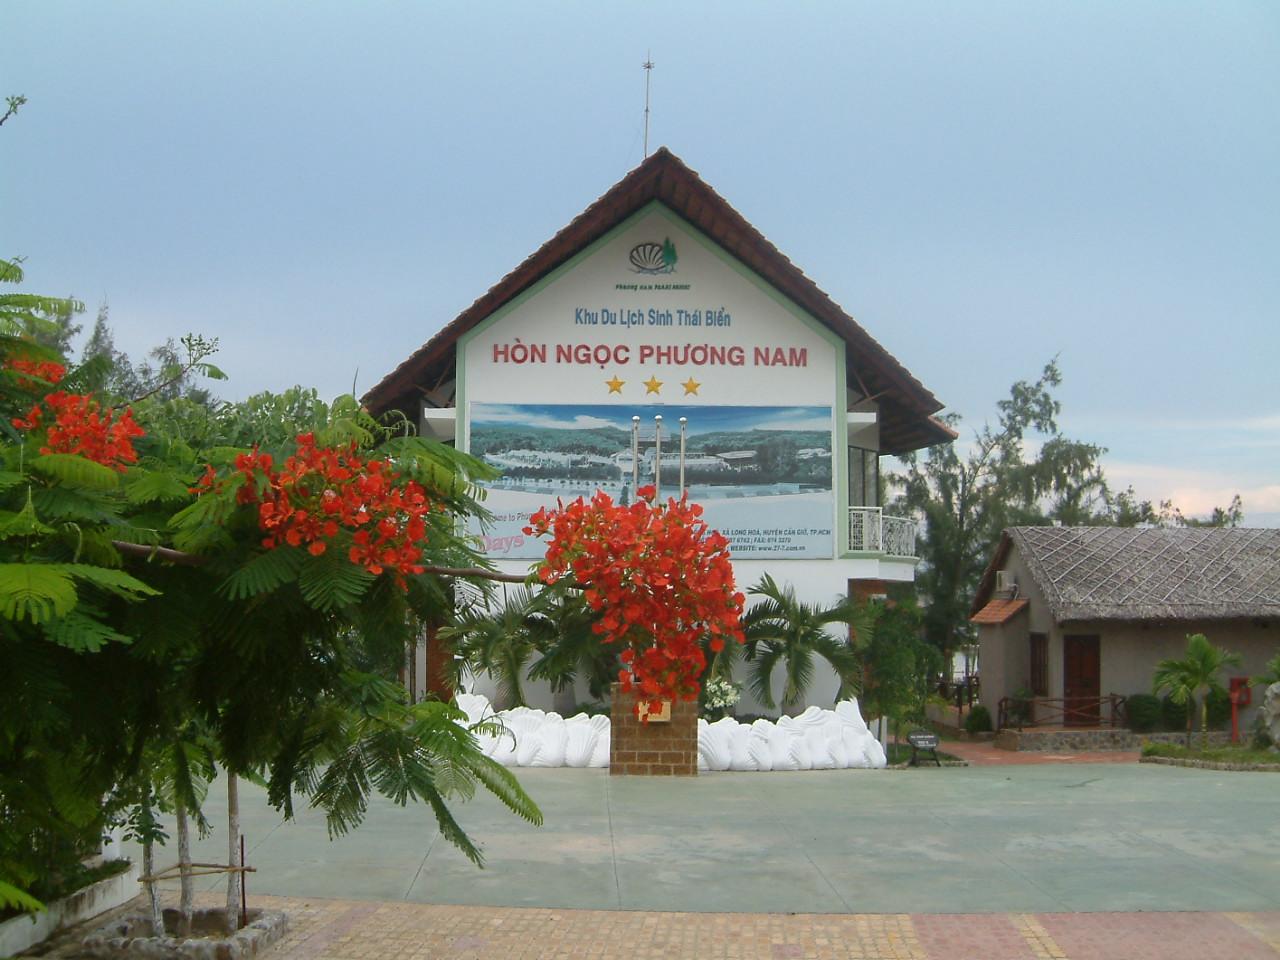 Resort Phương Nam Cần Giờ nằm ở đâu